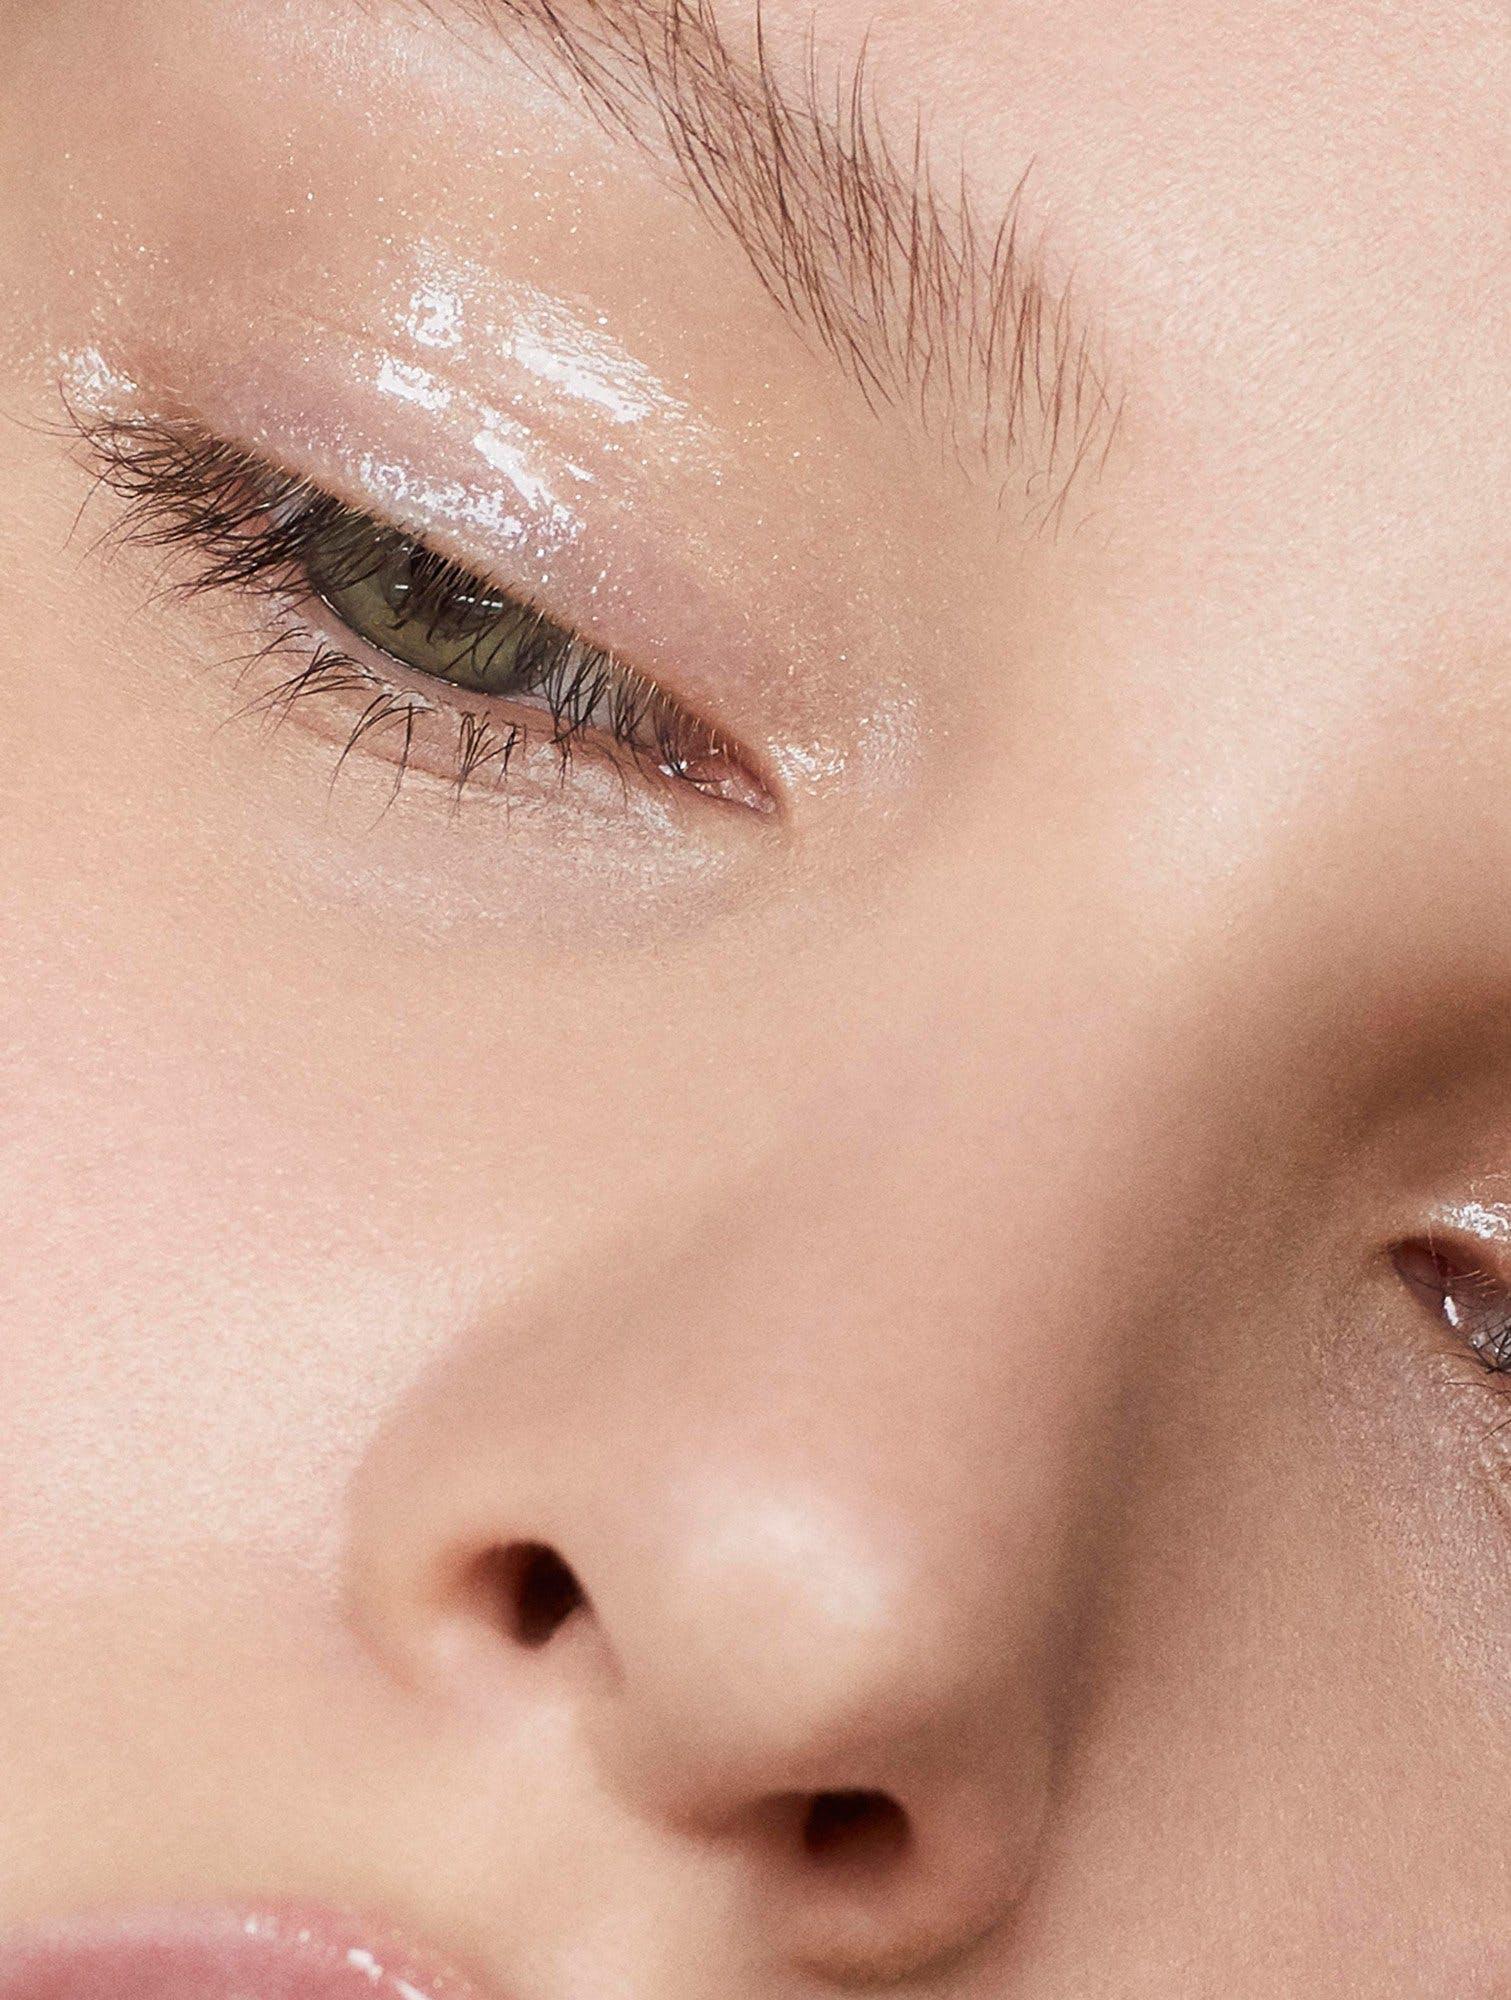 Tẩy trang mắt nhẹ nhàng: Vào cuối ngày, hãy nhớ tẩy trang để tránh mascara làm cứng mi. Khi tẩy trang, tránh lau quá mạnh, thực hiện thao tác nhẹ nhàng ở vùng da quanh mắt. Khi dùng sữa rửa mặt làm trôi lớp mascara nên massage khoảng 30 giây để rửa sạch mascara. Ngoài ra, hãy chắc chắn rằng bạn không dụi mắt quá mức vì điều này góp phần làm tổn thương lông mi.